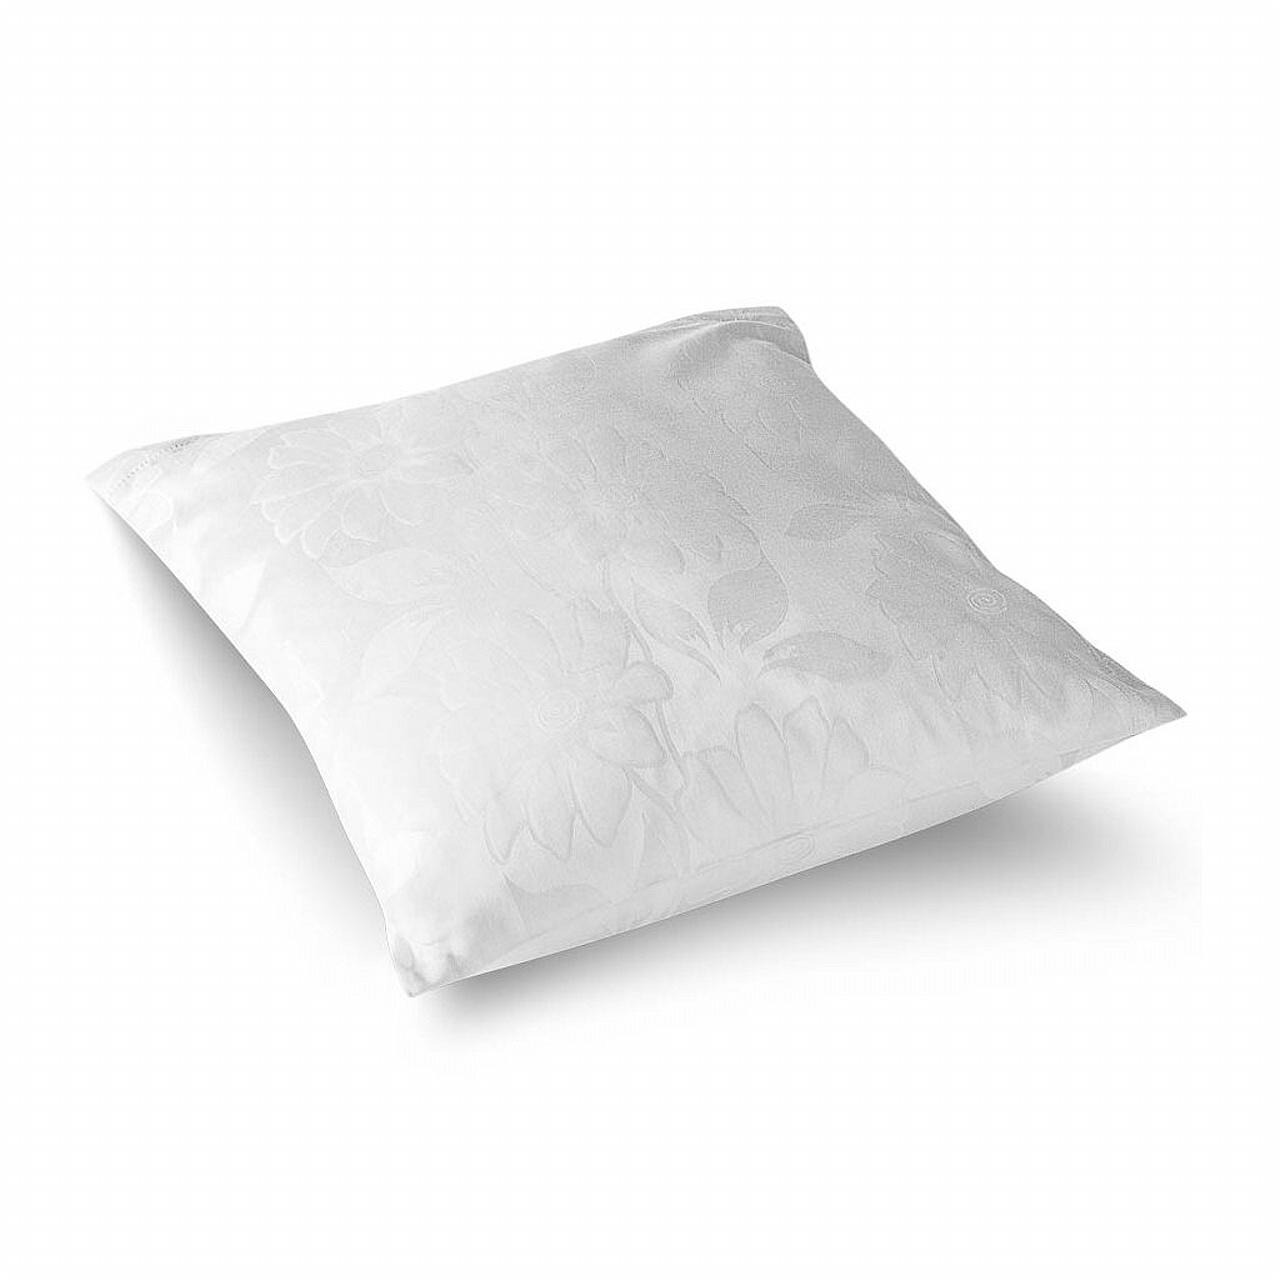 Povlečení damašek Jiřiny bílé 70x90 cm povlak